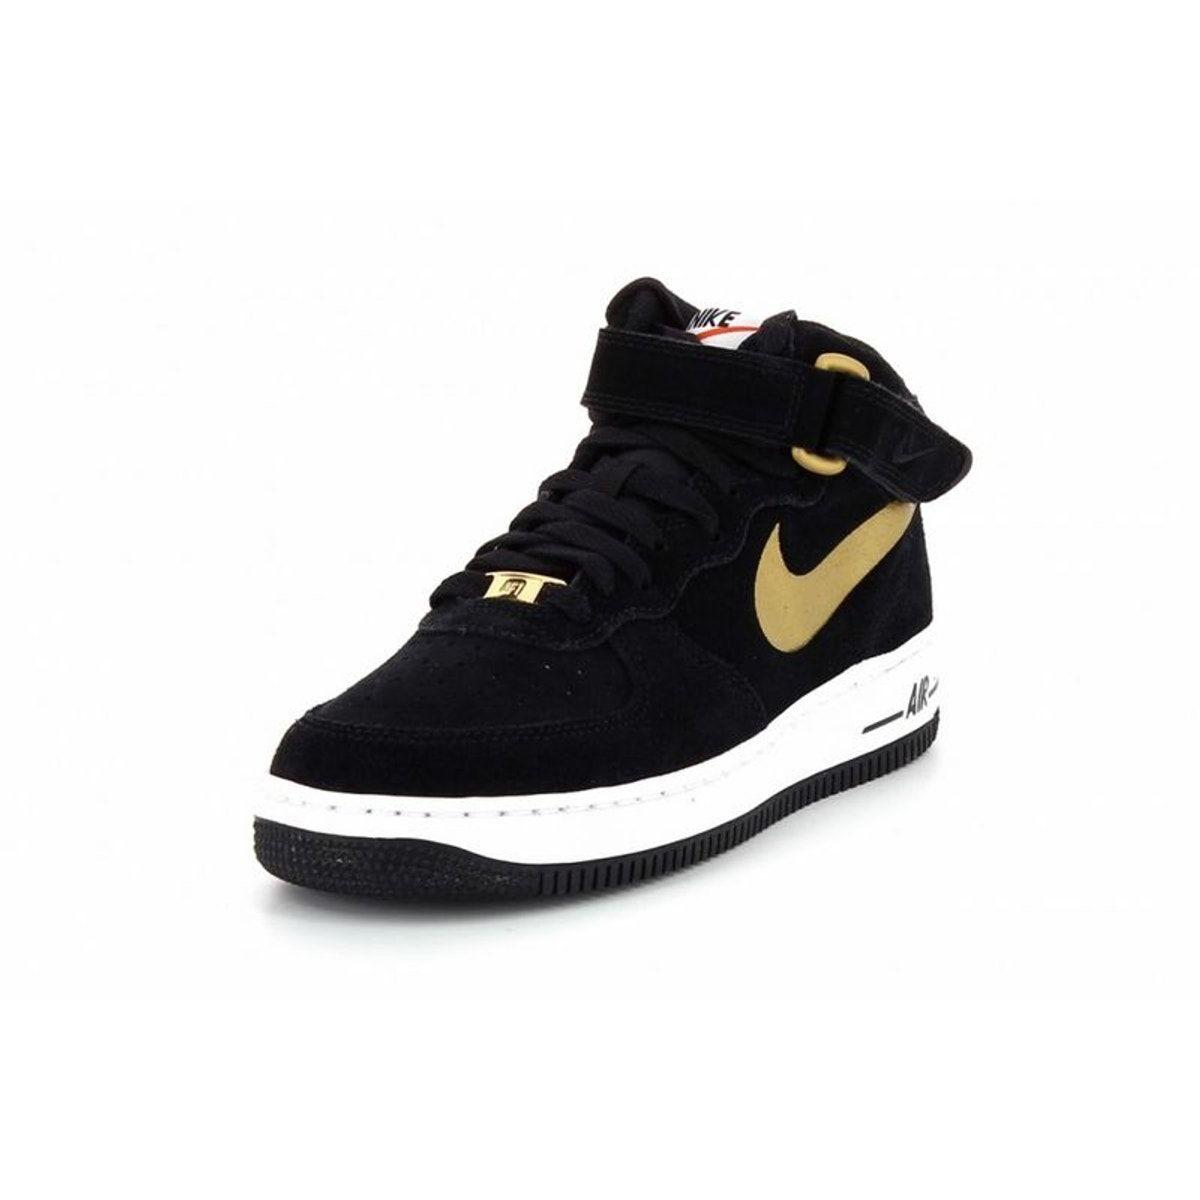 Force 1 Air 029 Taille38 12 Basket Midgs314195 Nike ARLj45